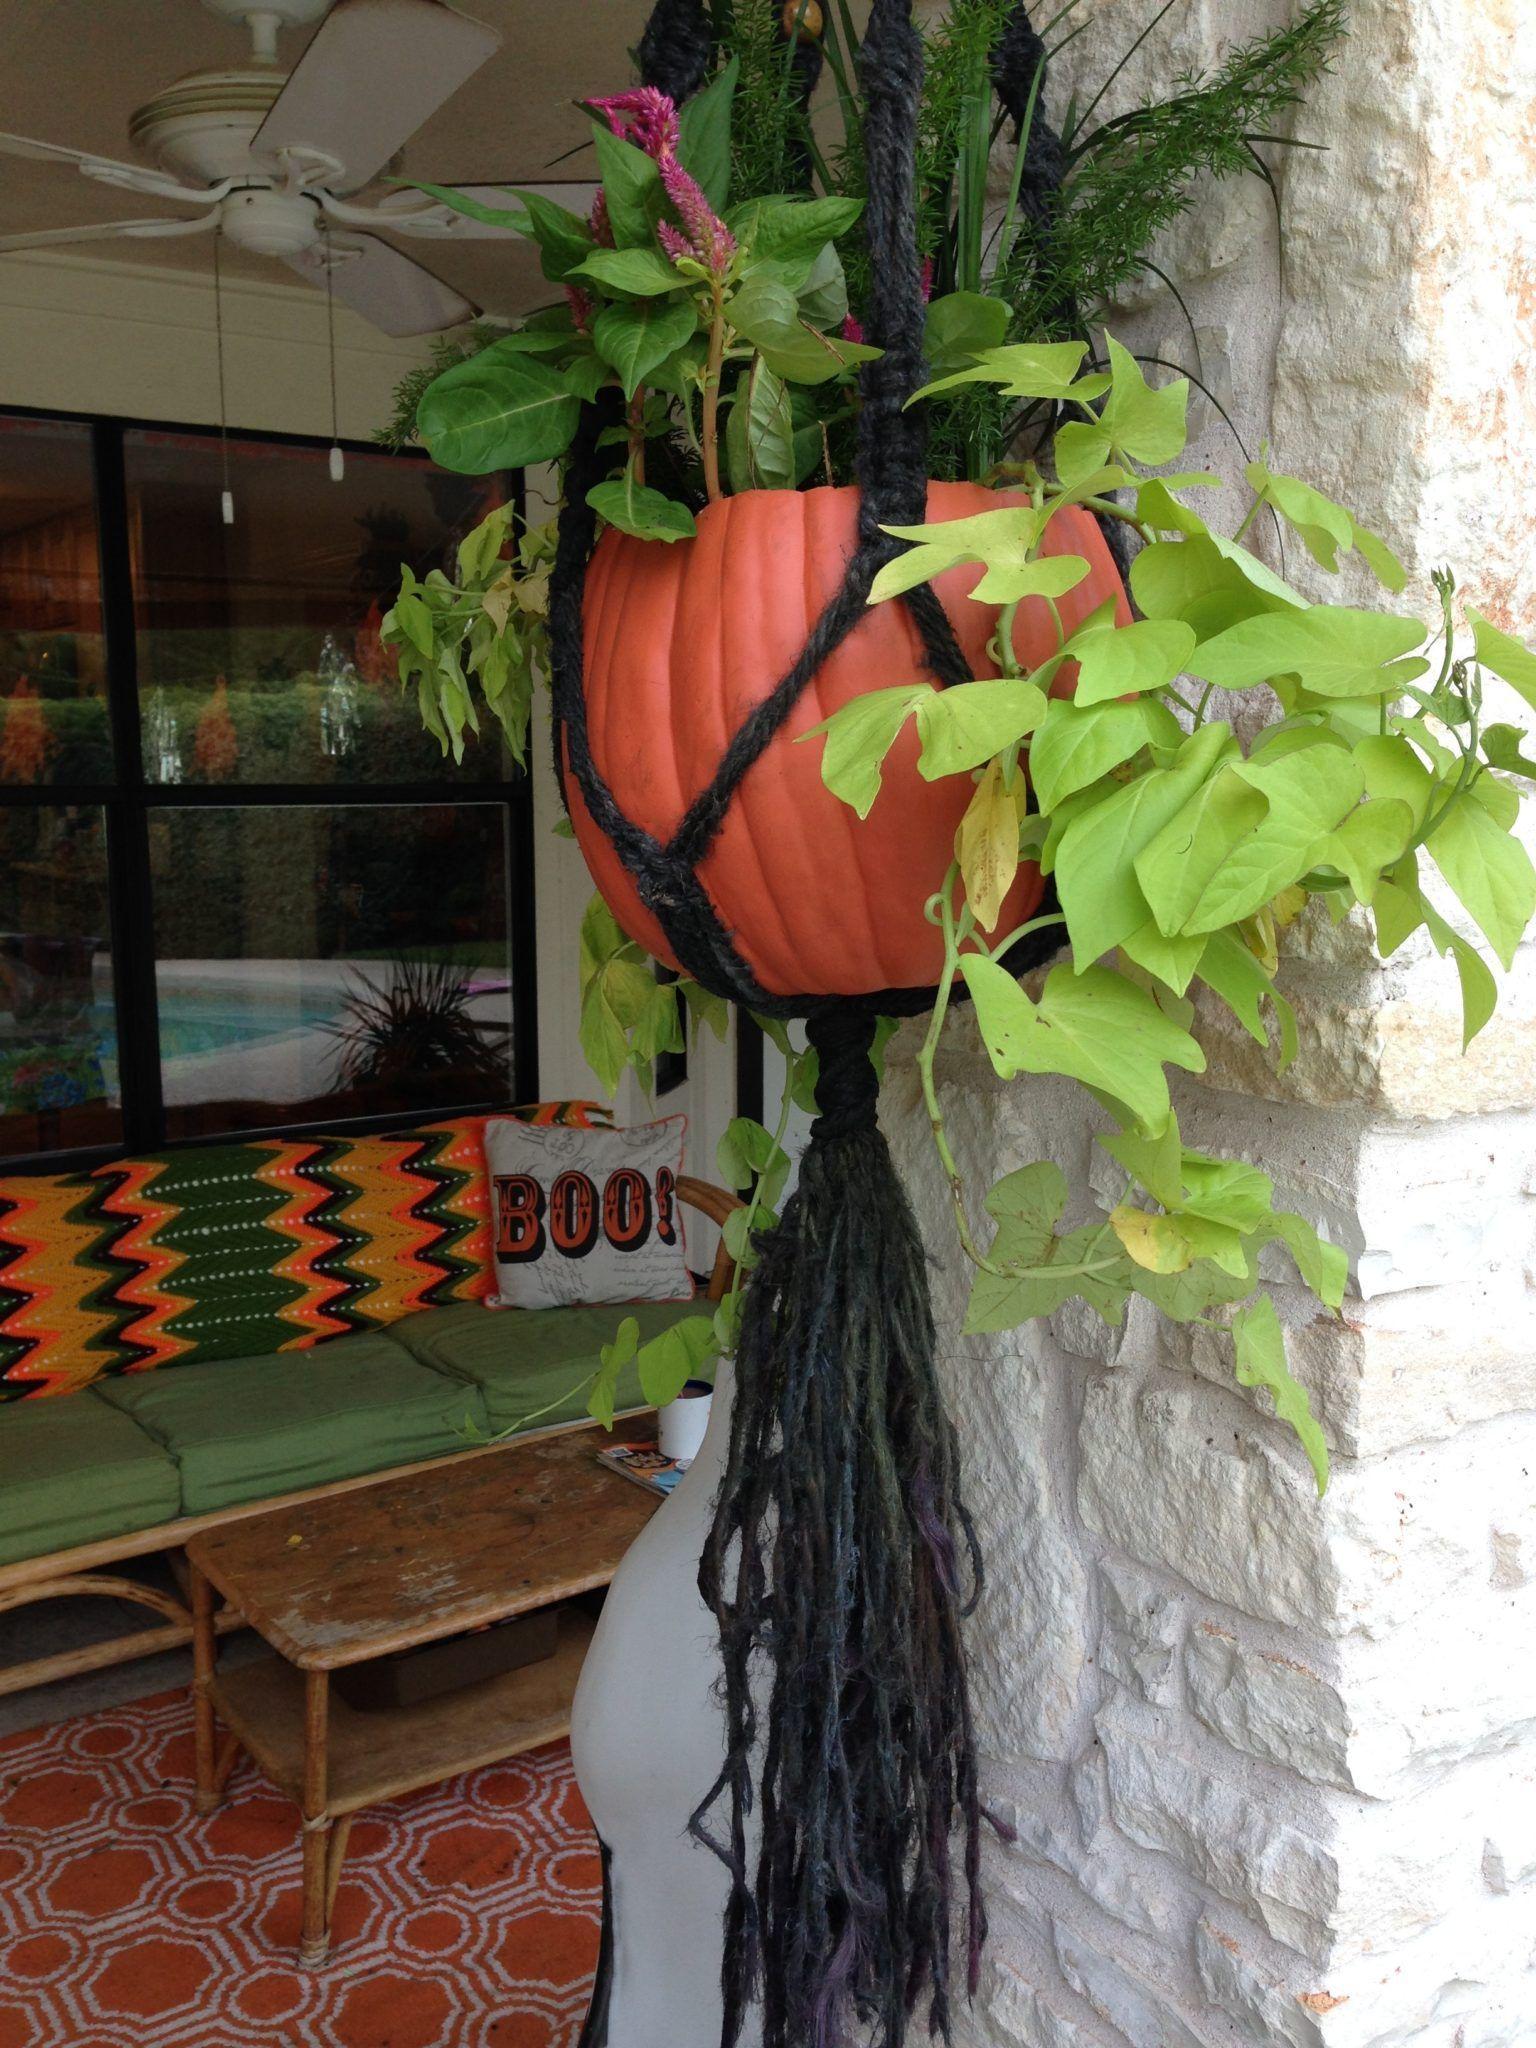 hanging plants holder diy #Hangingplantsindoordiy #hangingplantsindoor hanging plants holder diy #Hangingplantsindoordiy #hangingplantsindoor